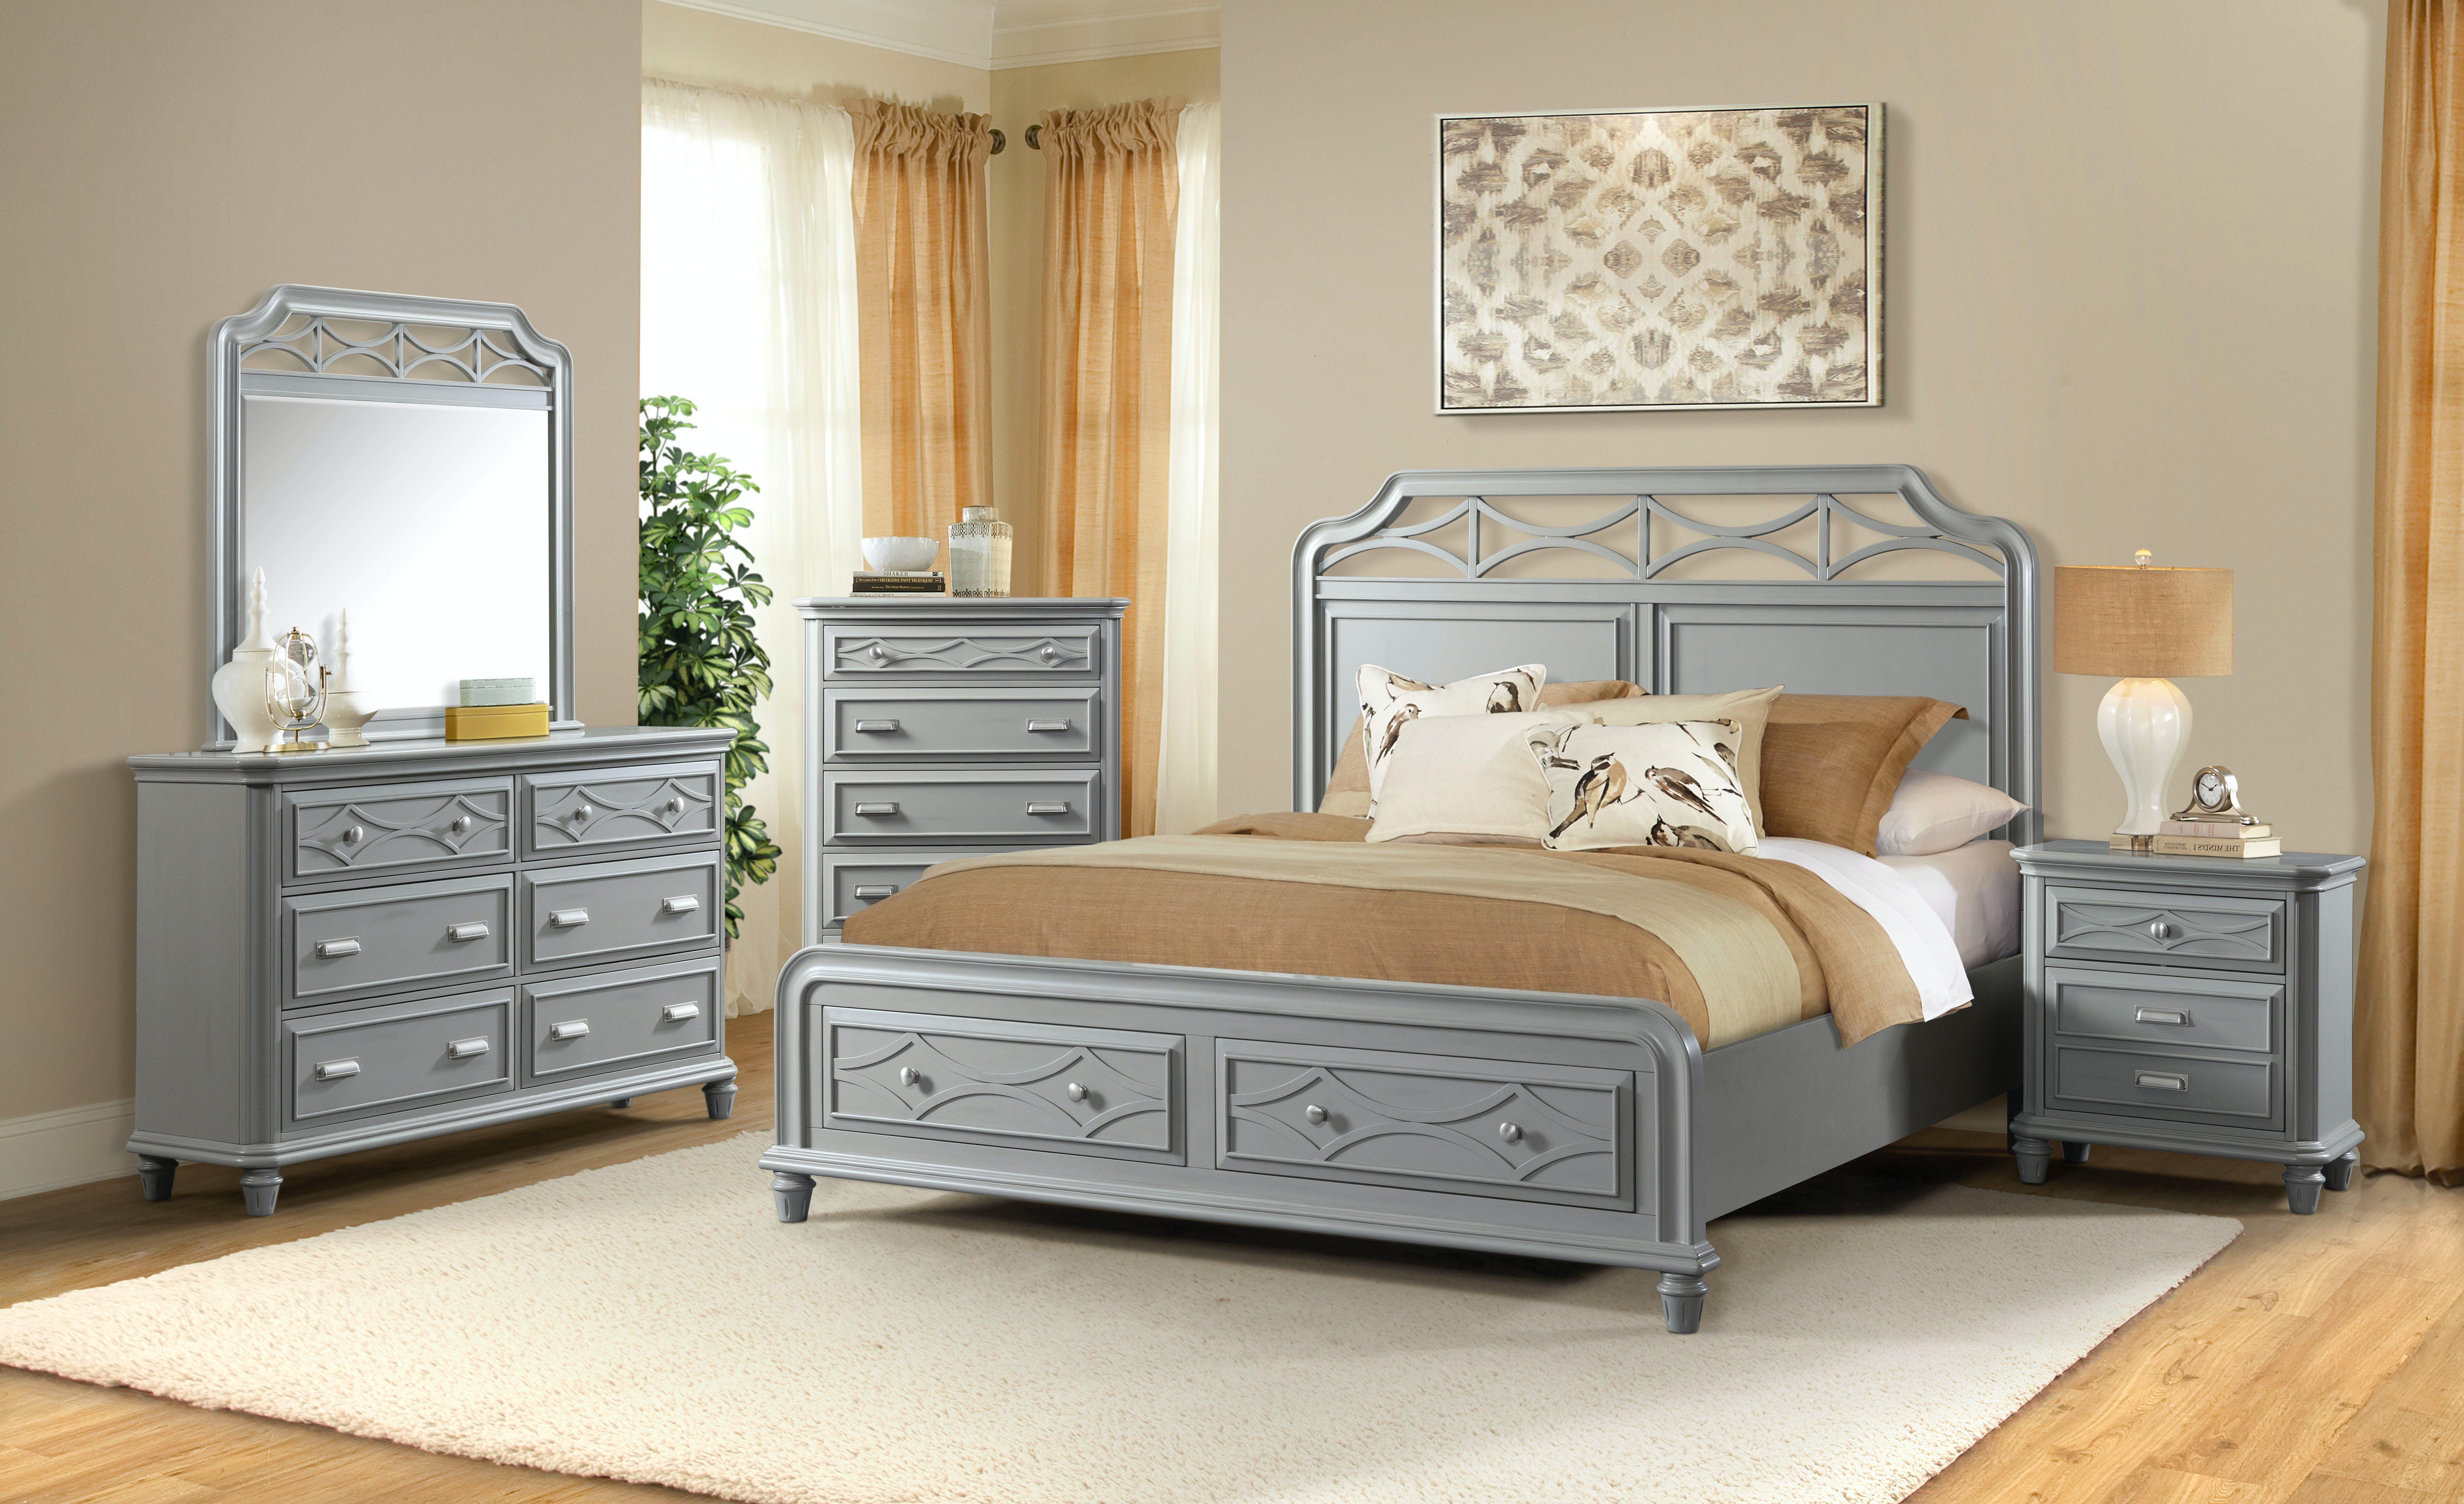 Elements International Mystic Bay Storage Gray Bedroom Elements International Mesquite Tx